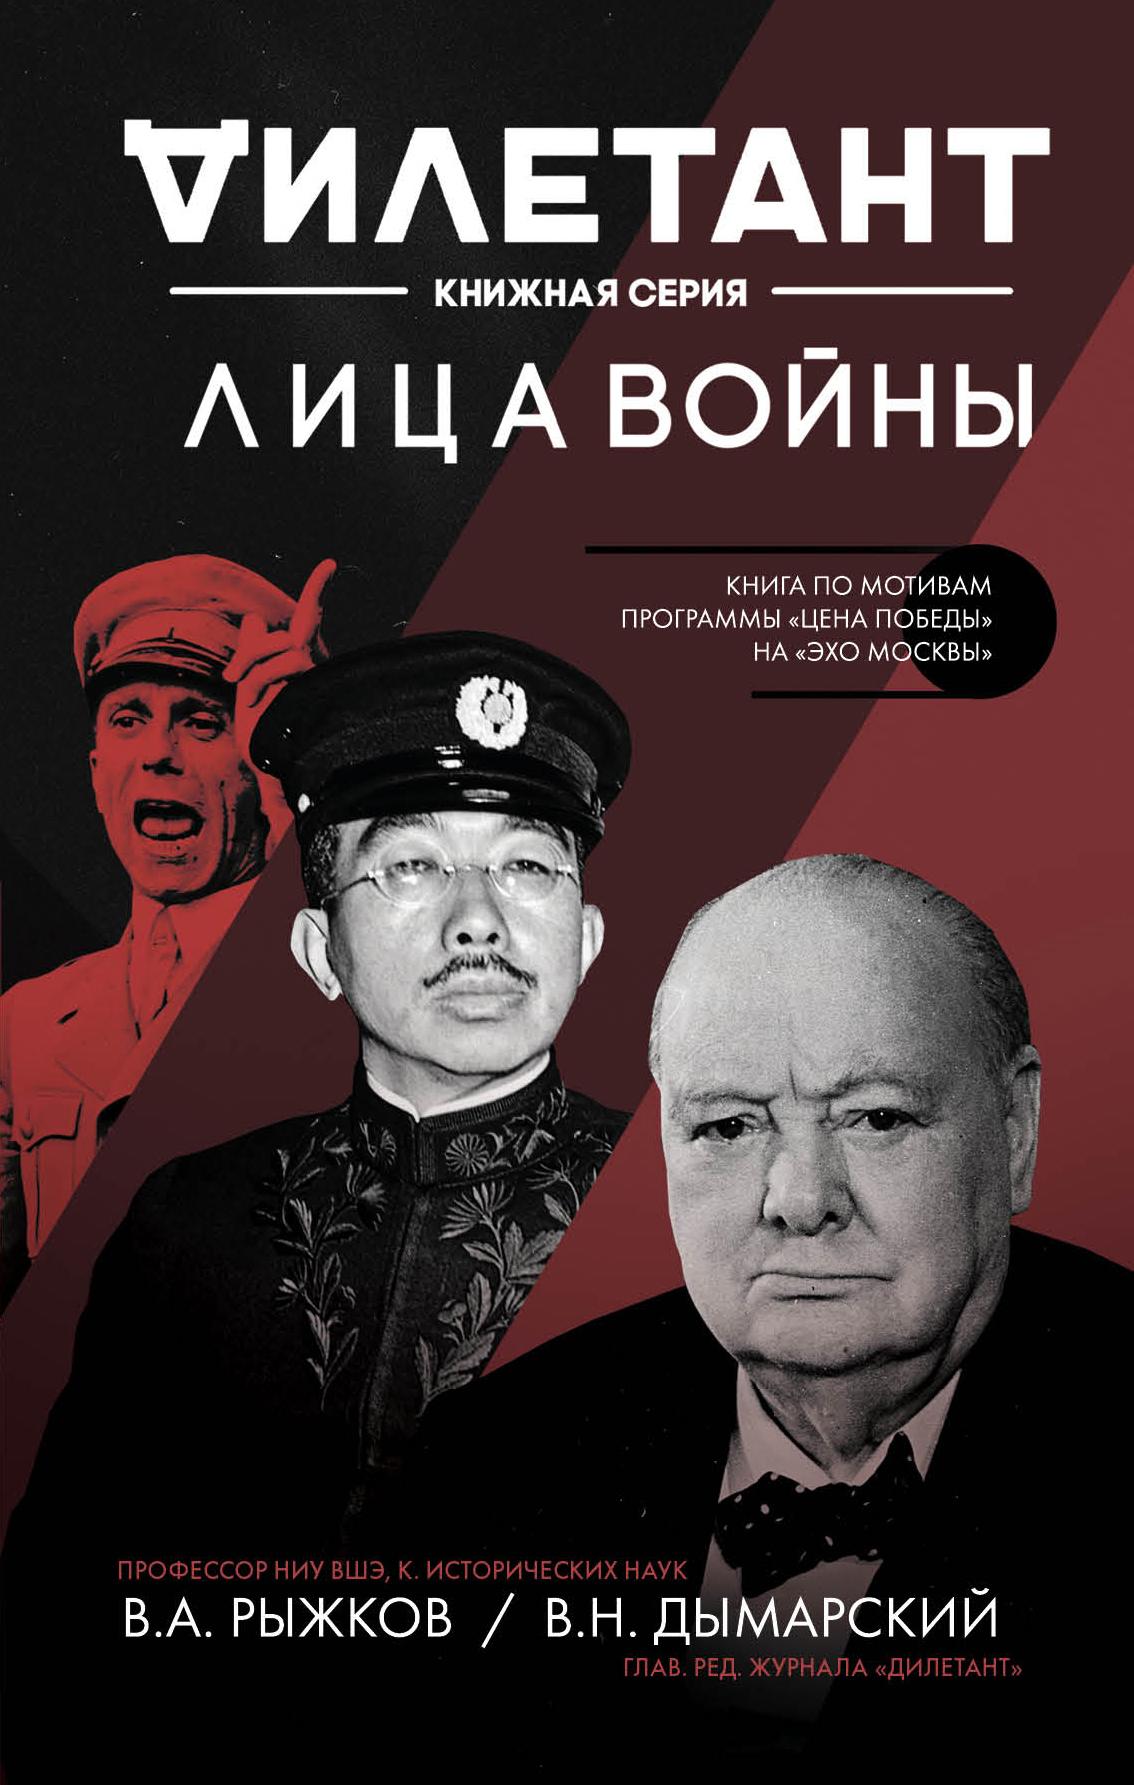 Владимир Рыжков, Виталий Дымарский - Лица войны